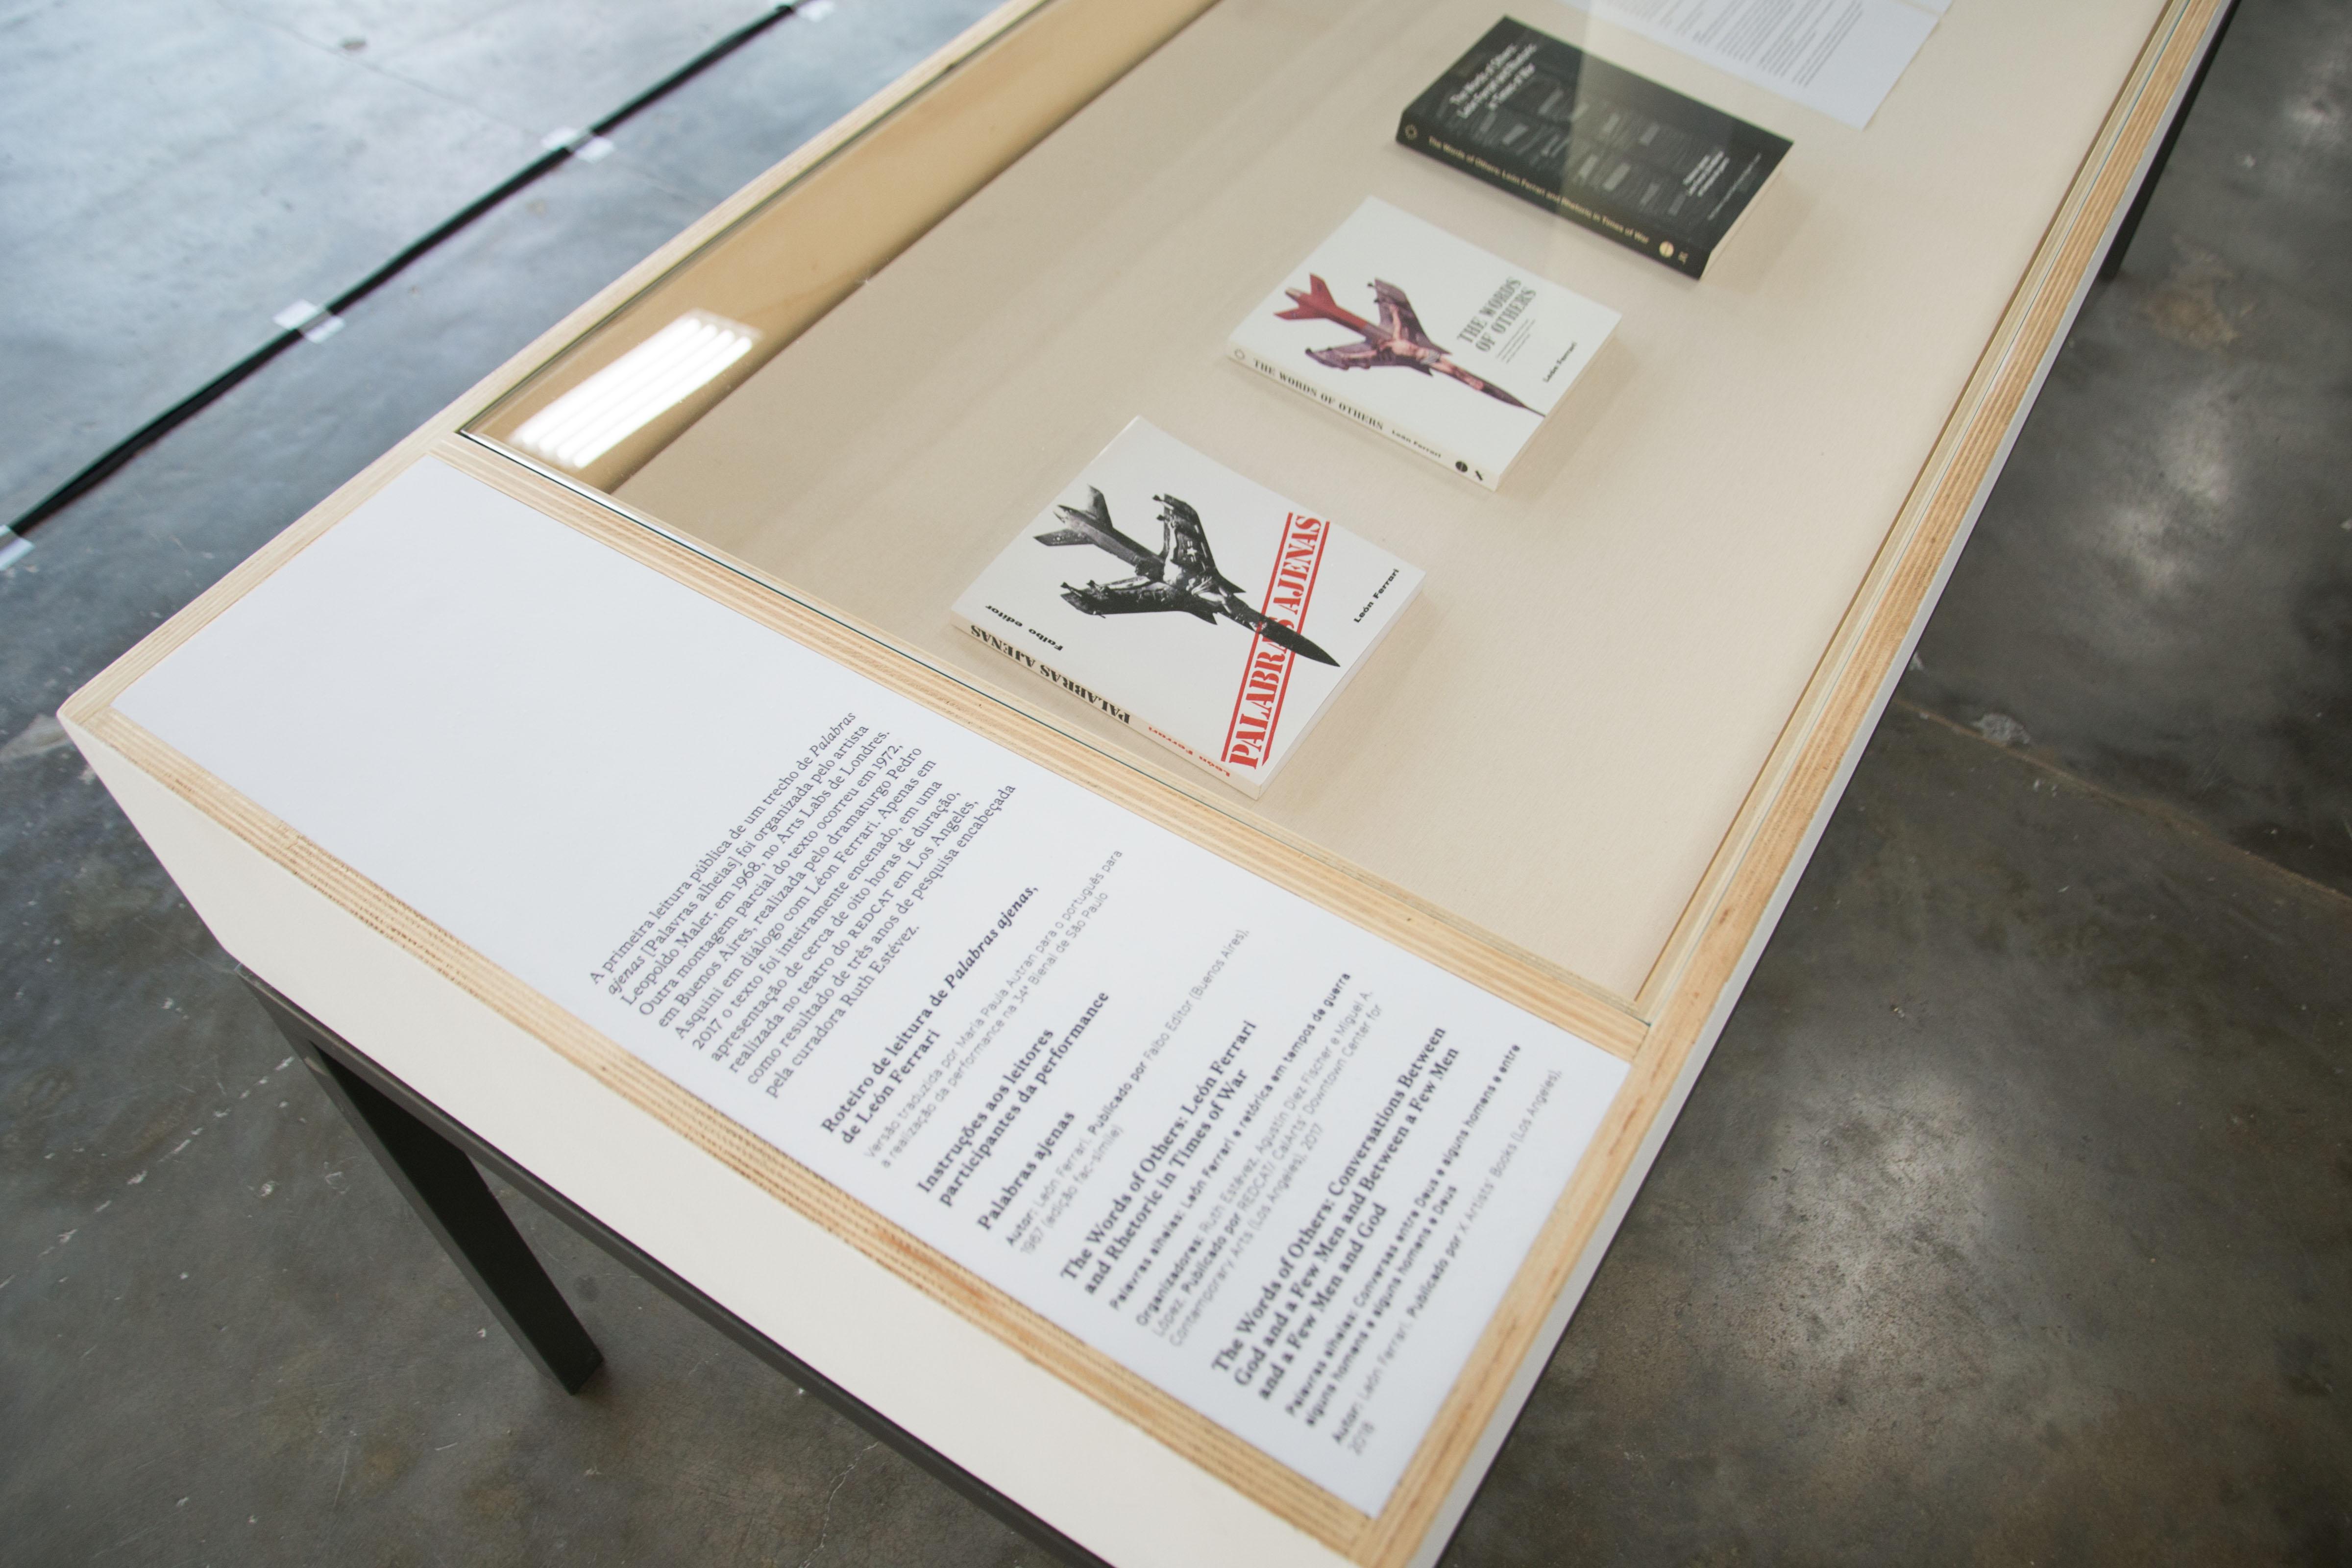 Vista do espaço expositivo dedicado à obra <i>Palabras ajenas</i>, de León Ferrari na mostra <i>Vento</i>. Foto: Levi Fanan / Fundação Bienal de São Paulo